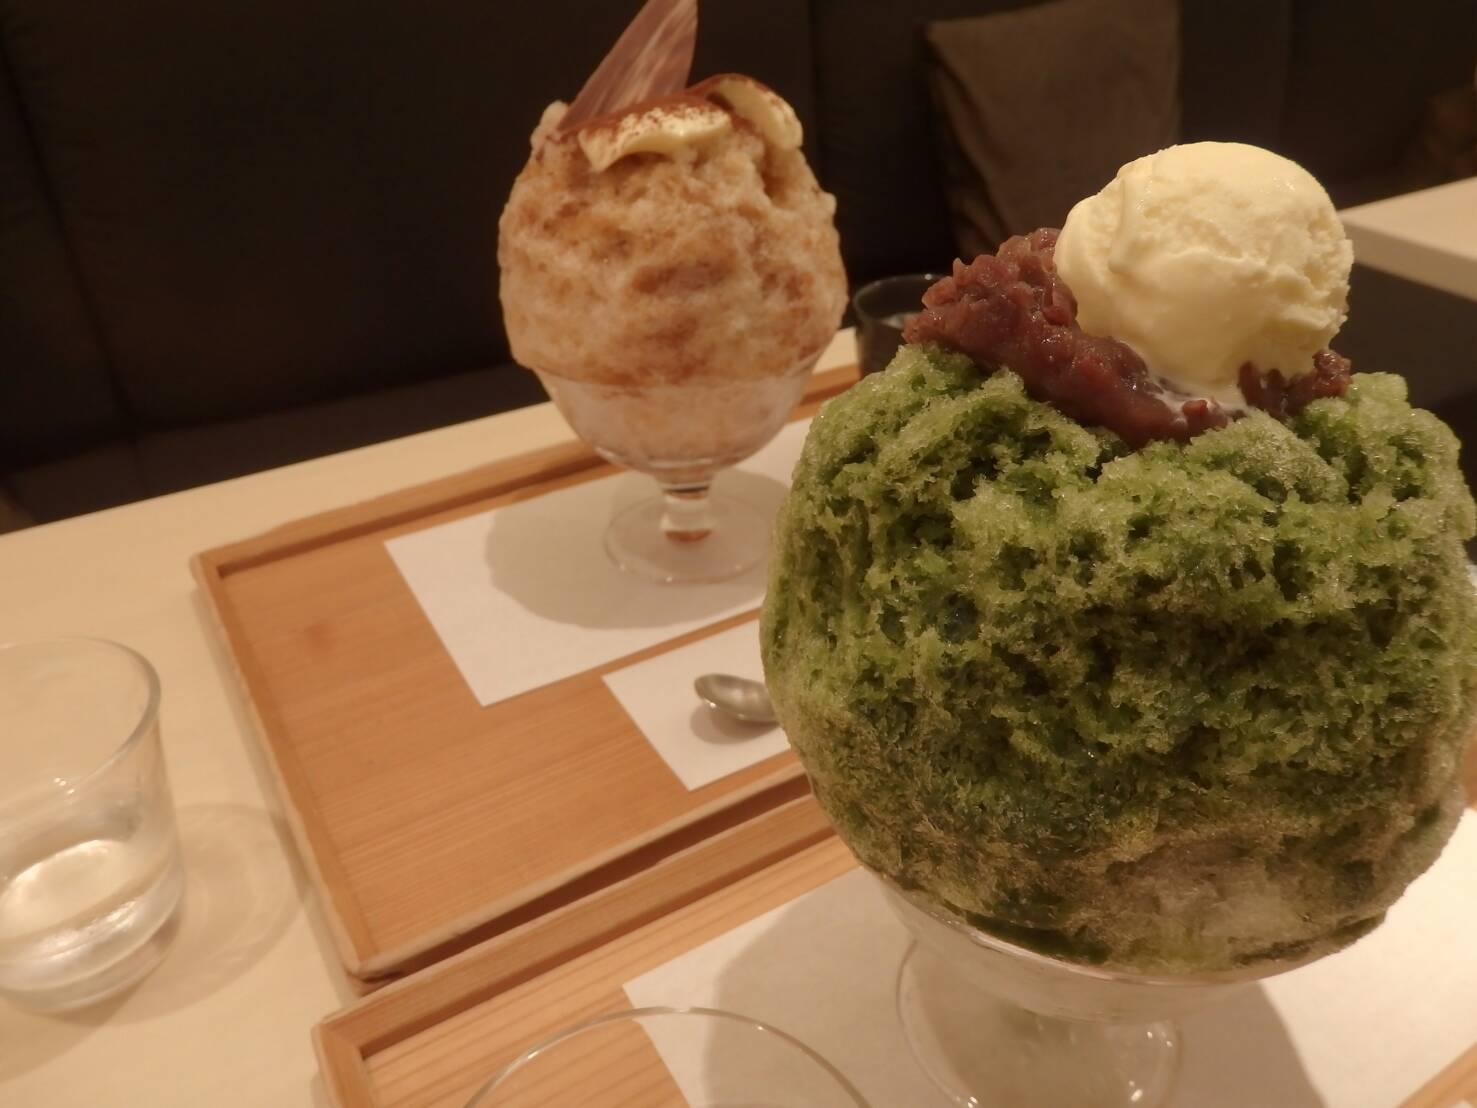 【2019年版】ふわふわな食感がたまらない!名古屋の「絶品かき氷」店10選 - S 6426785394334